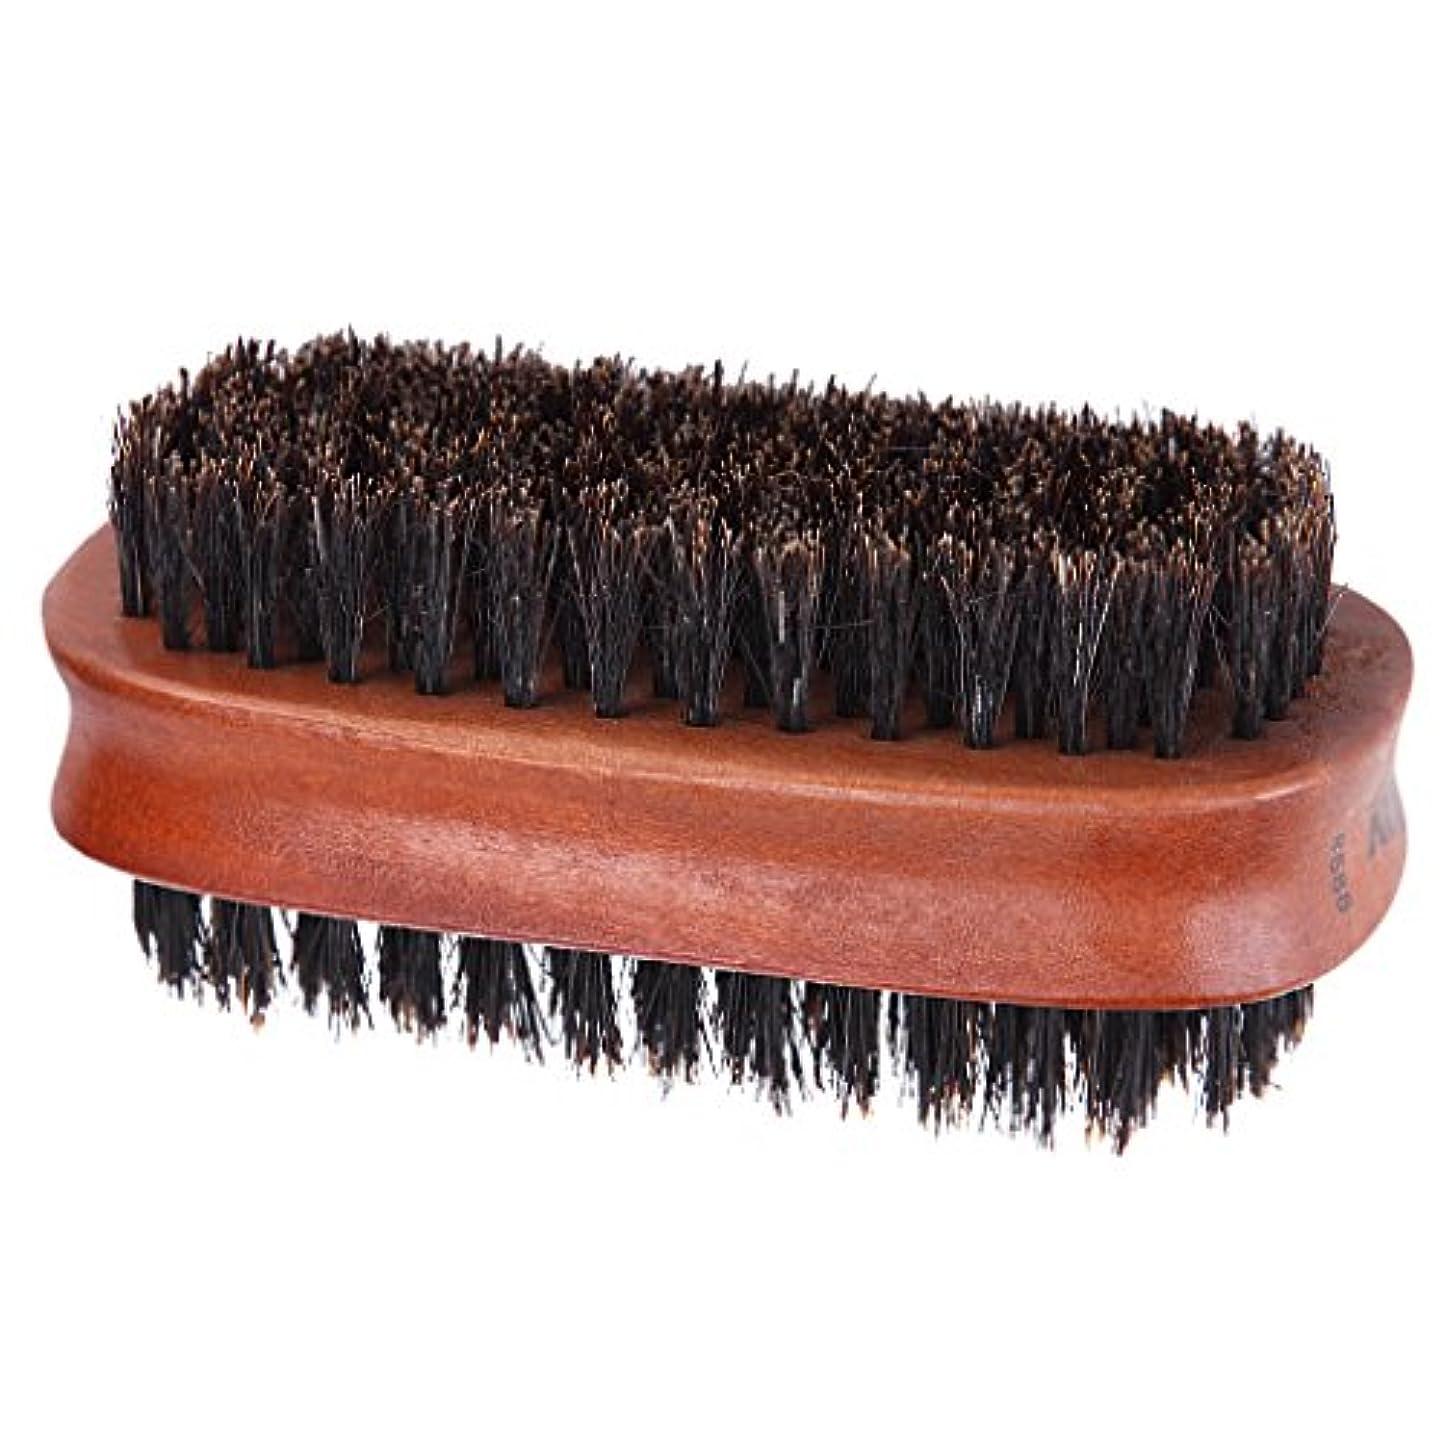 迫害する性的アシスタントKesoto ヘアブラシ 両面ブラシ 理髪店 美容院  ソフトブラシ ヘアカッター ダスターブラシ